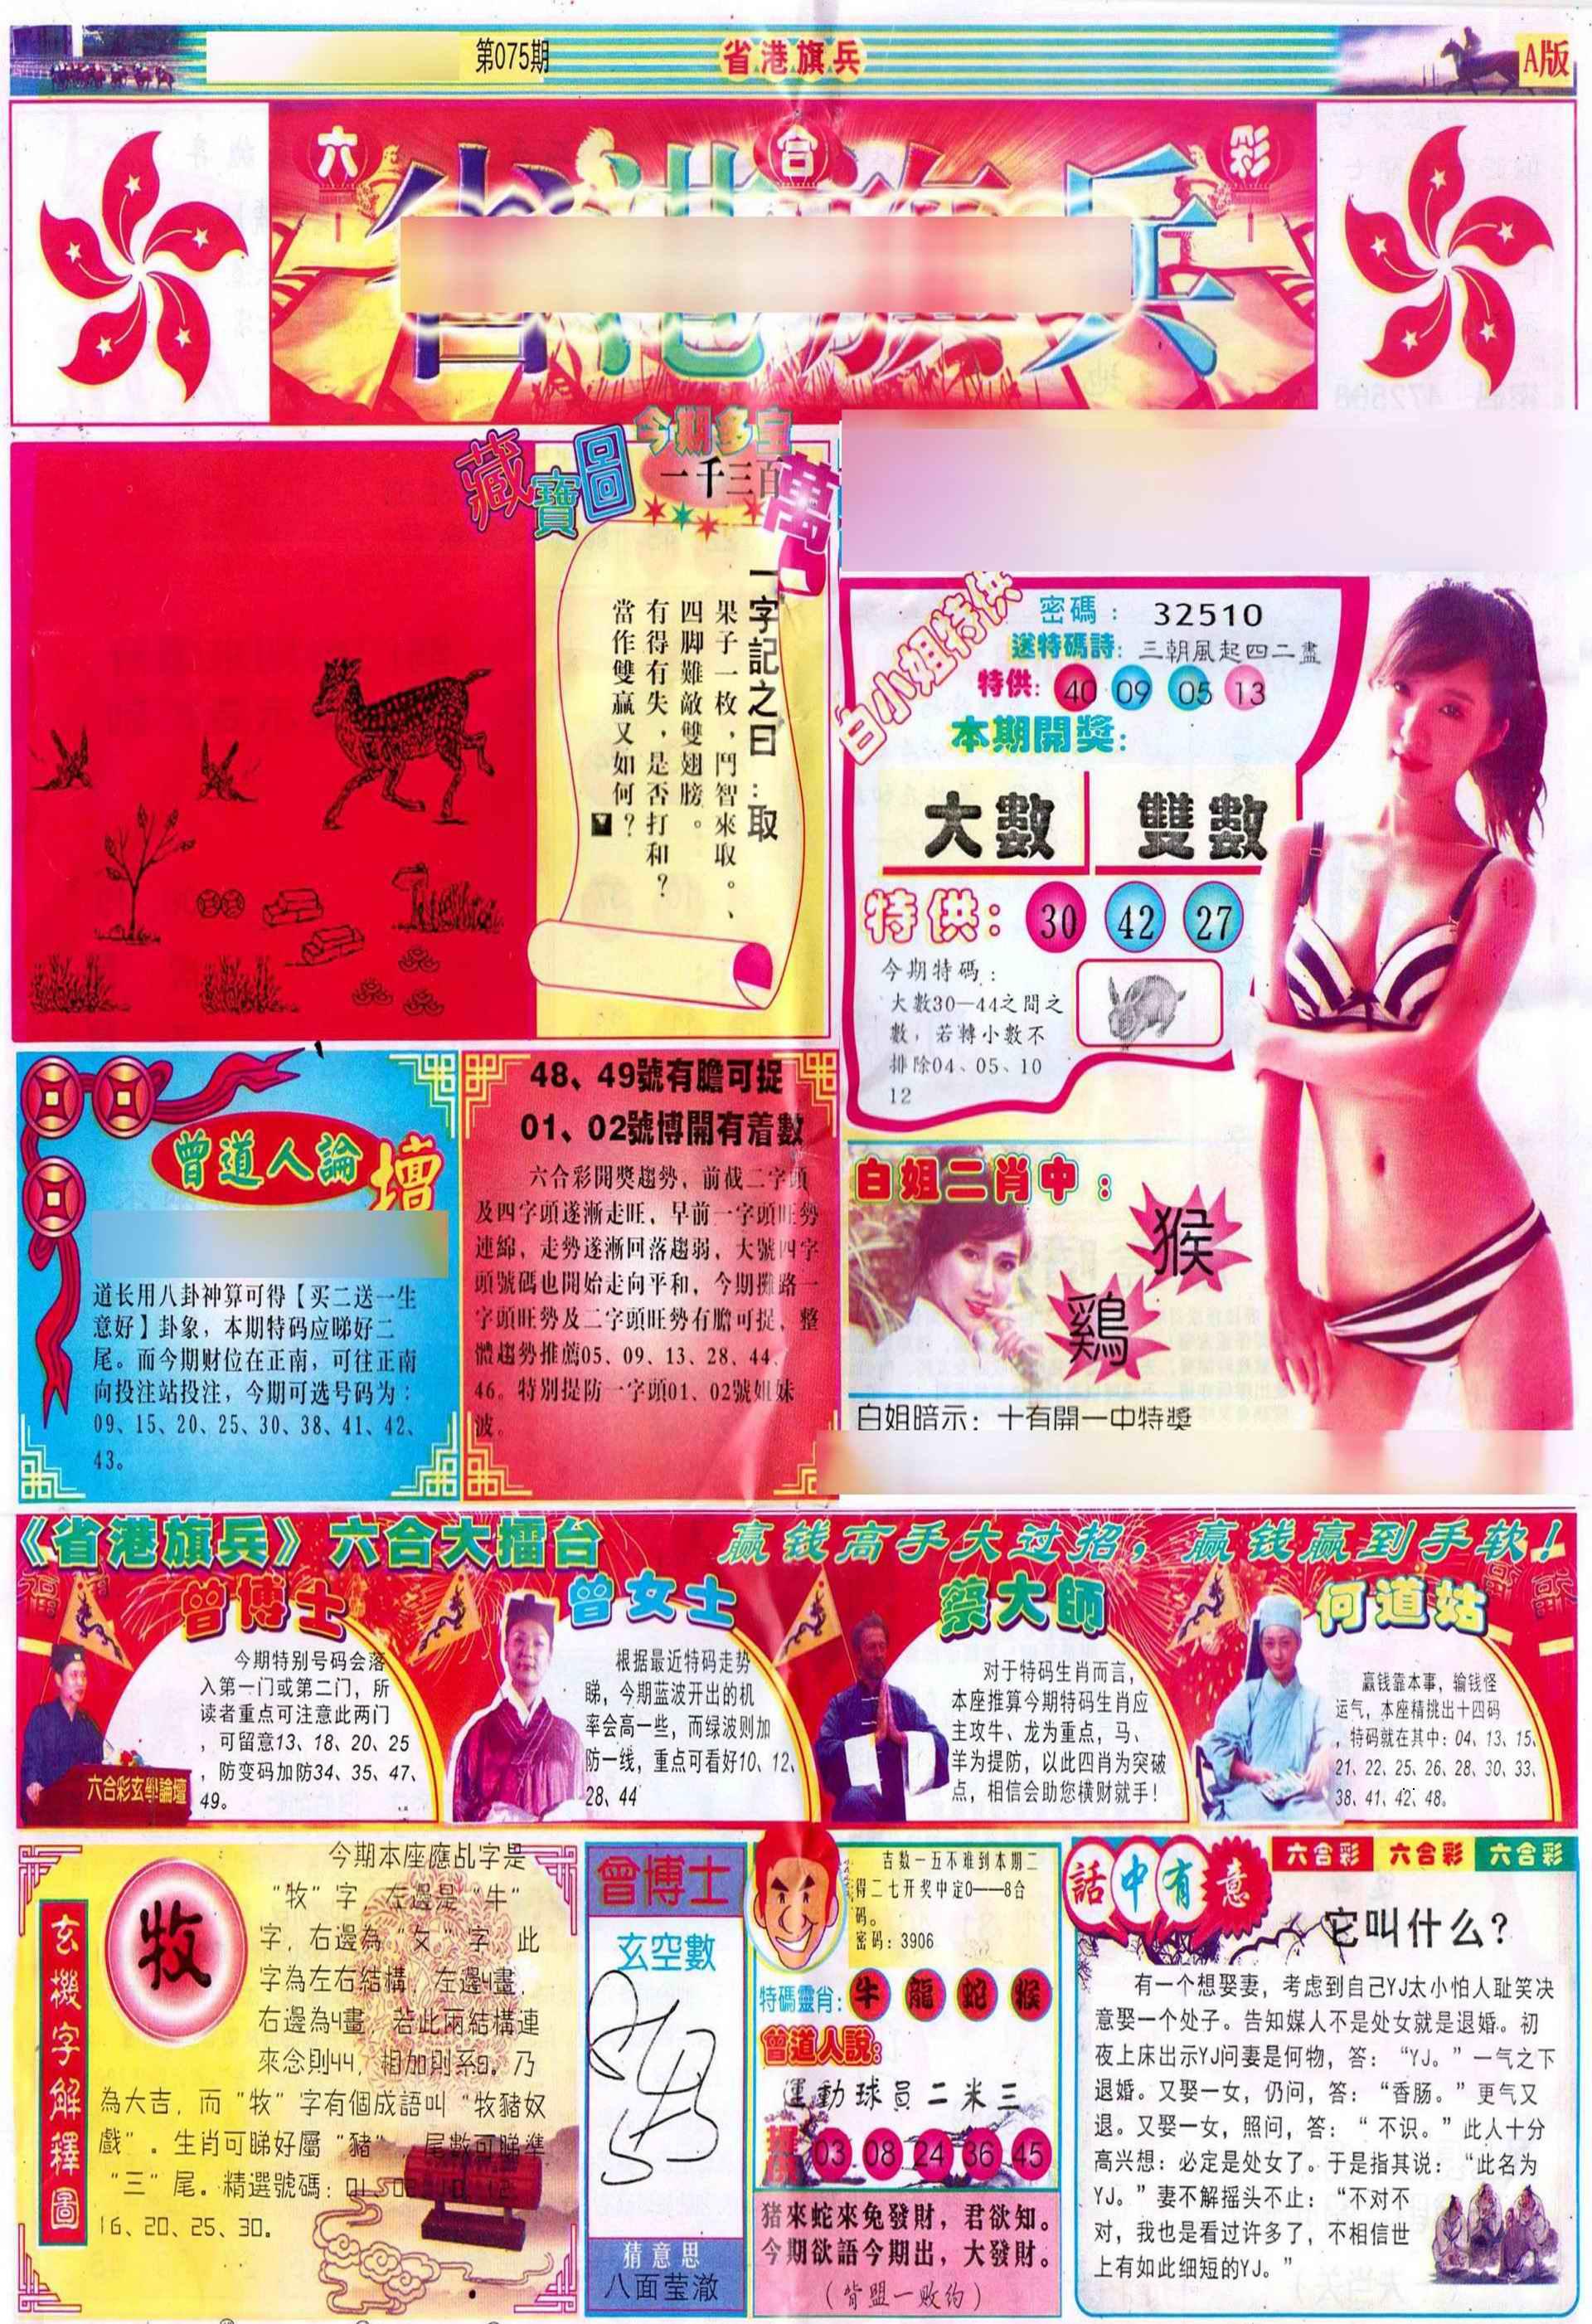 075期彩道A(保证香港版)